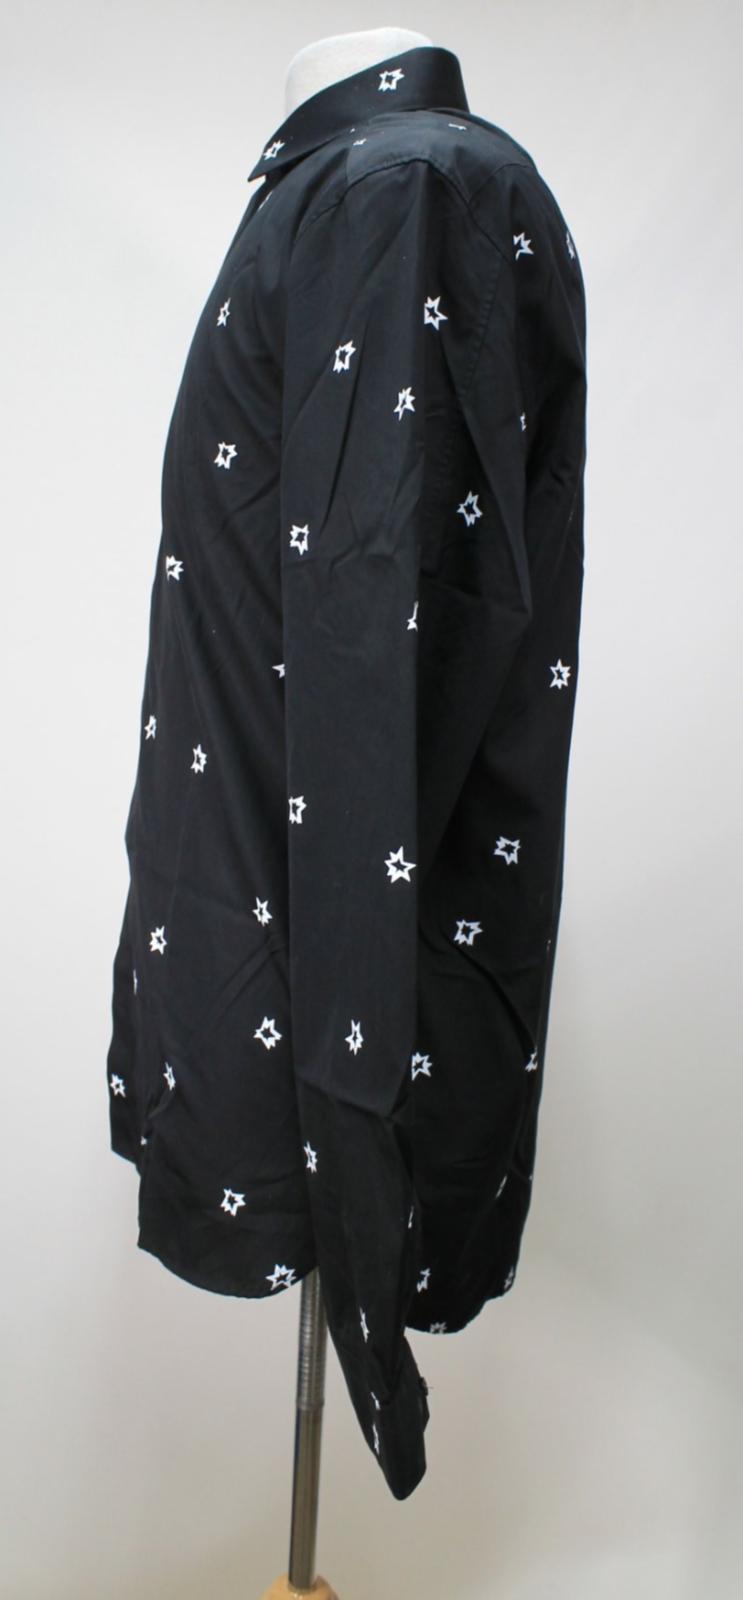 Neil-Barrett-Hombre-Negro-Algodon-Estampado-de-Estrellas-Calce-Ajustado-Camisa-Con-Cuello-16-5-034 miniatura 7